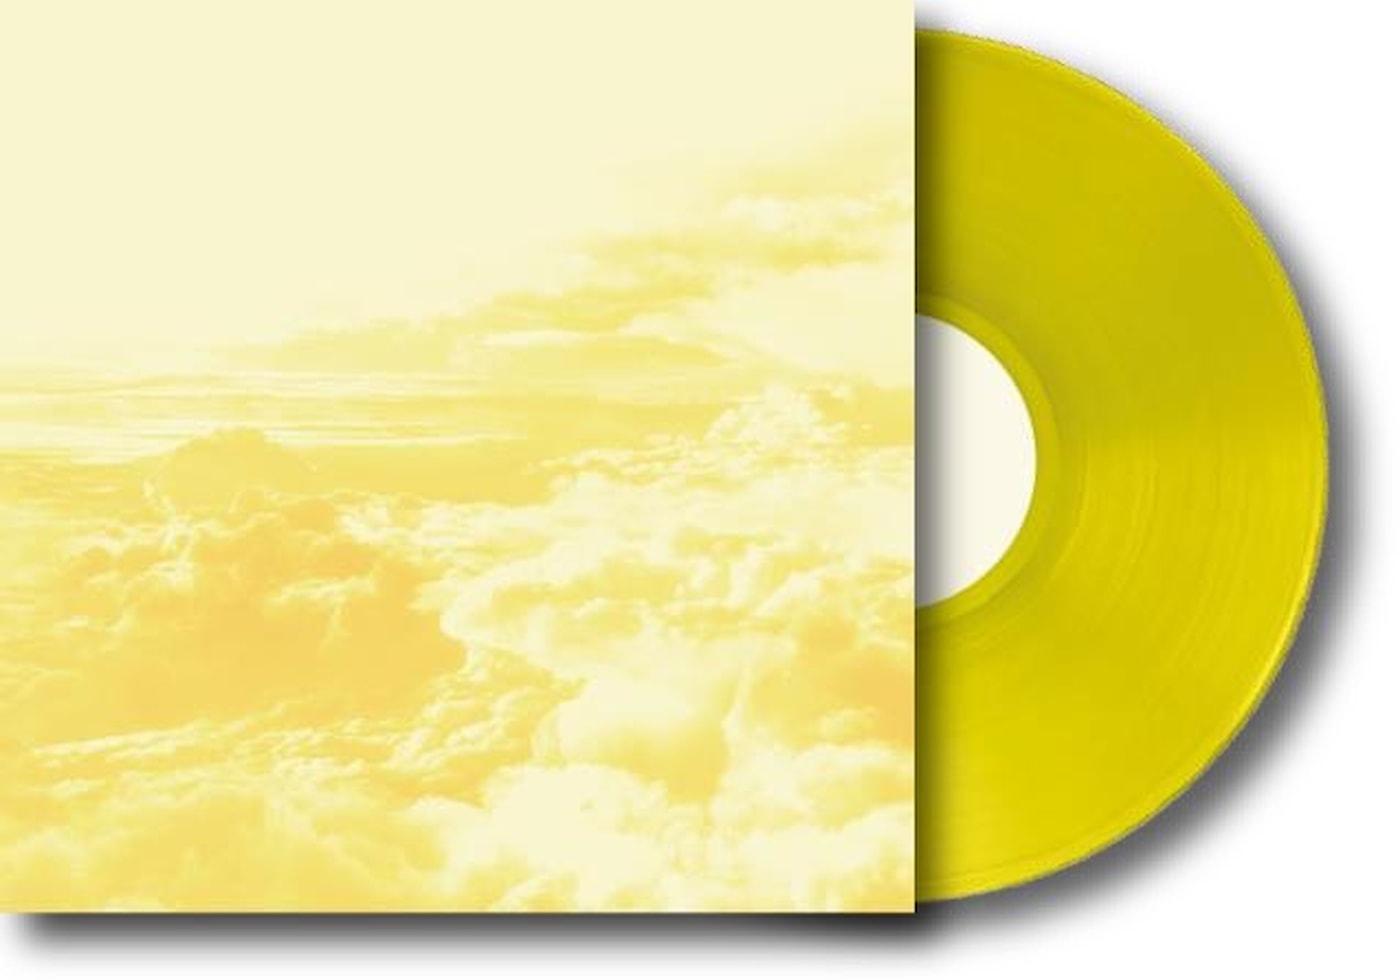 RAYが2ndシングル『Yellow』をイエローヴァイナル化!レコードの日第二弾